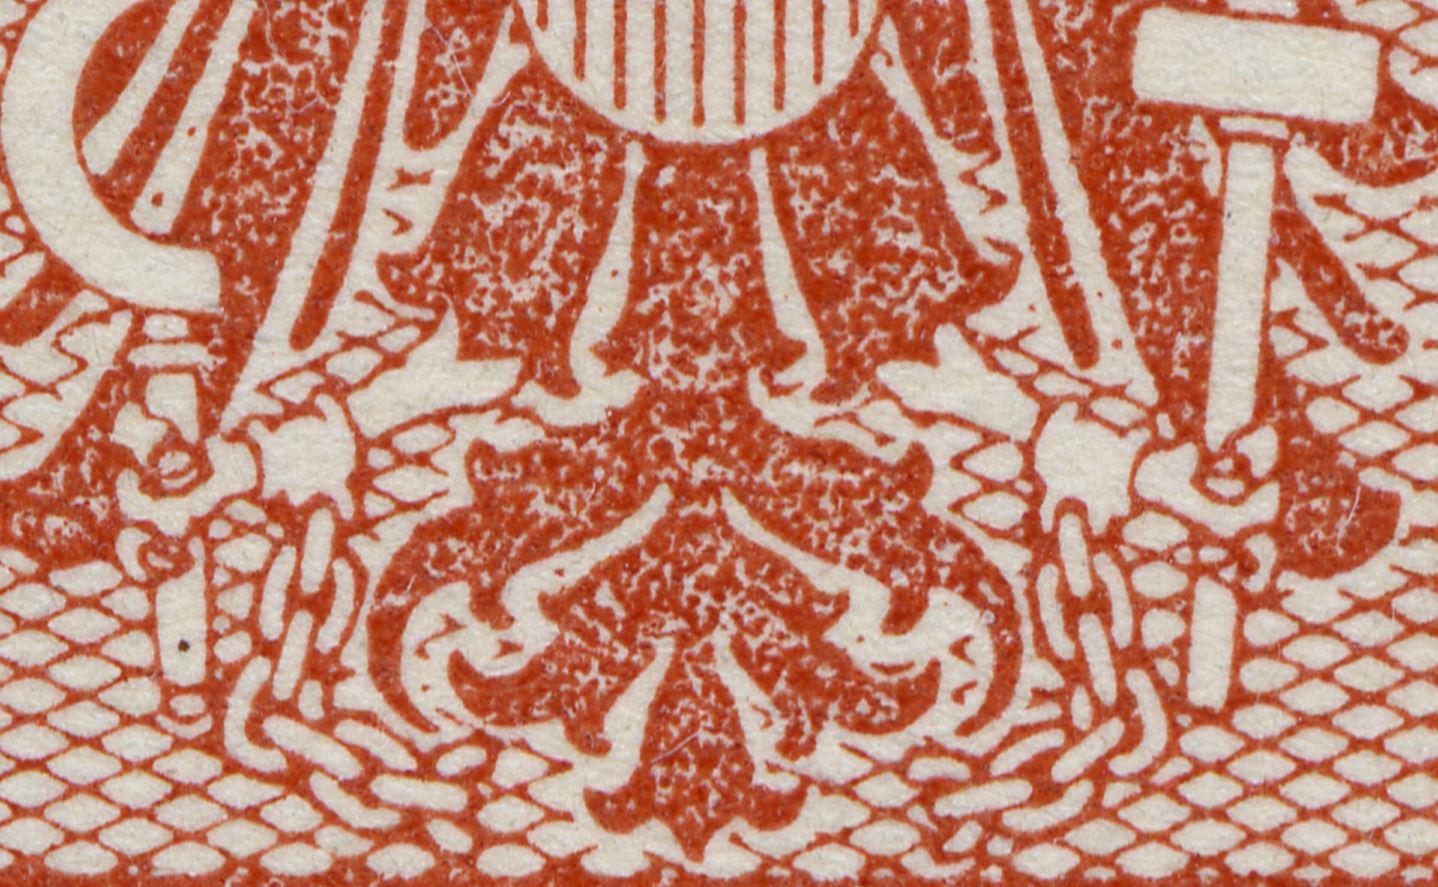 1945 Wappenzeichnung - Seite 4 At_1945_wappen_8_metall_gummi_15